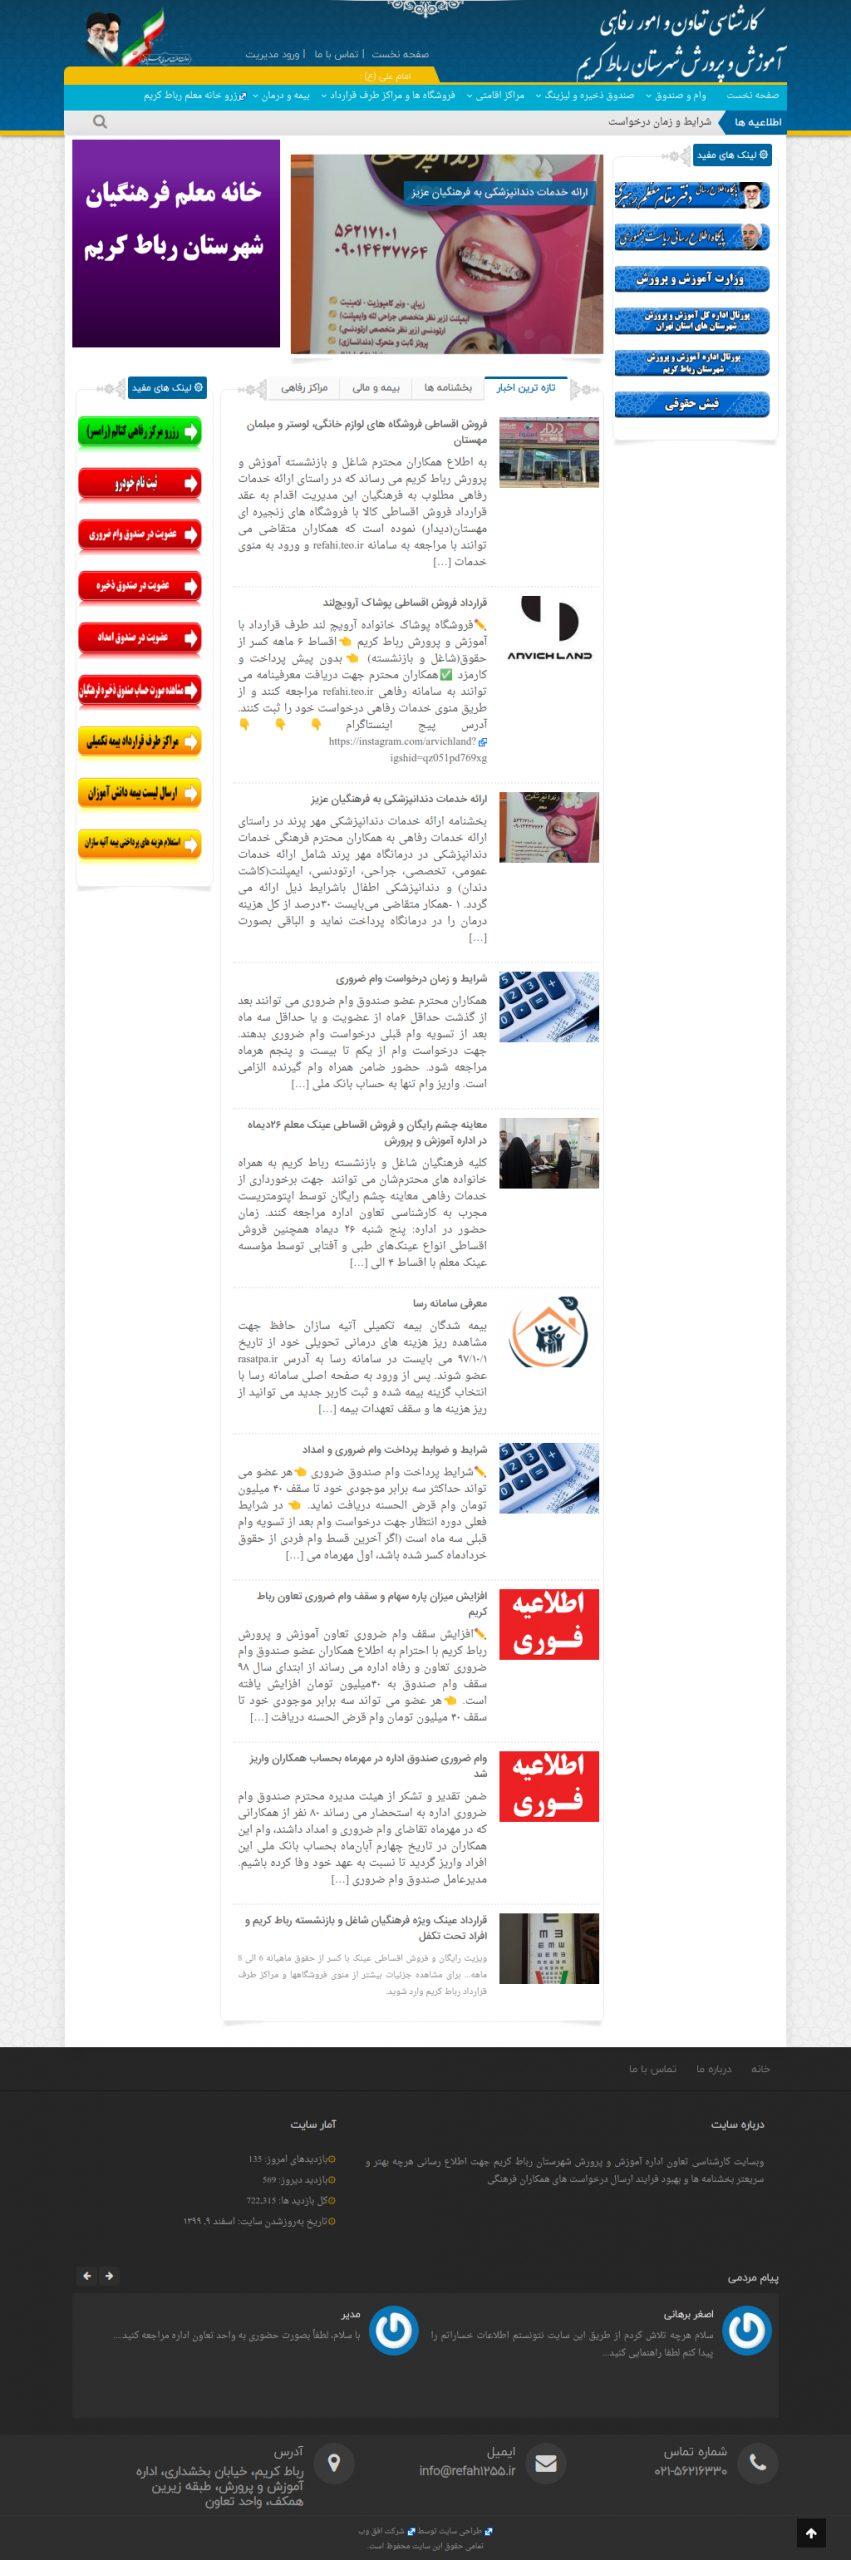 طراحی سایت آموزش و پرورش رباط کریم